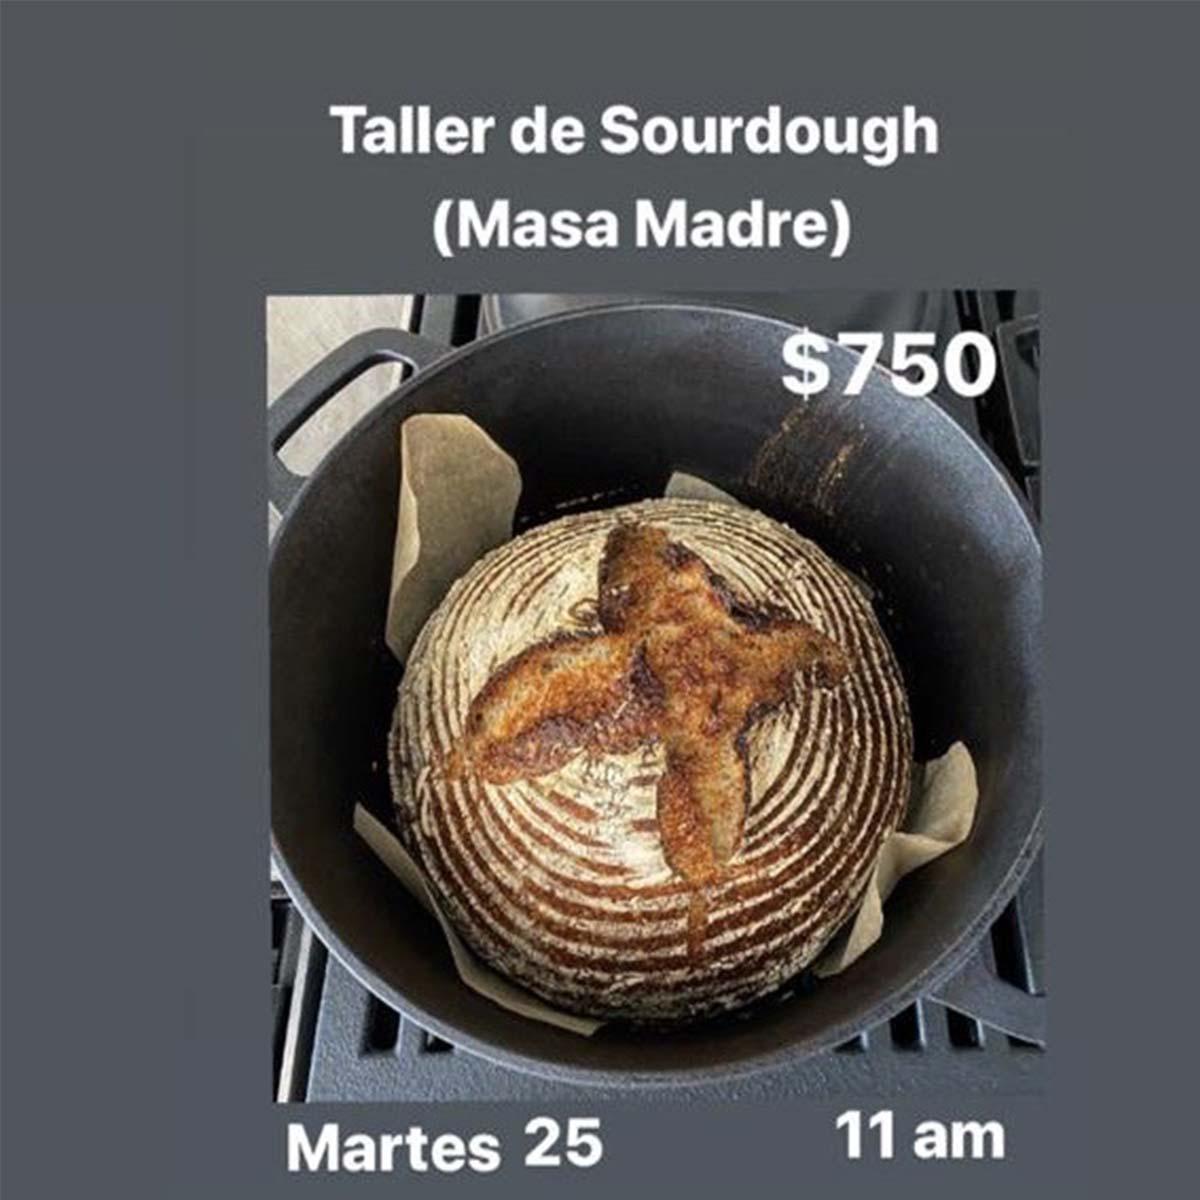 taller-de-sourdough1